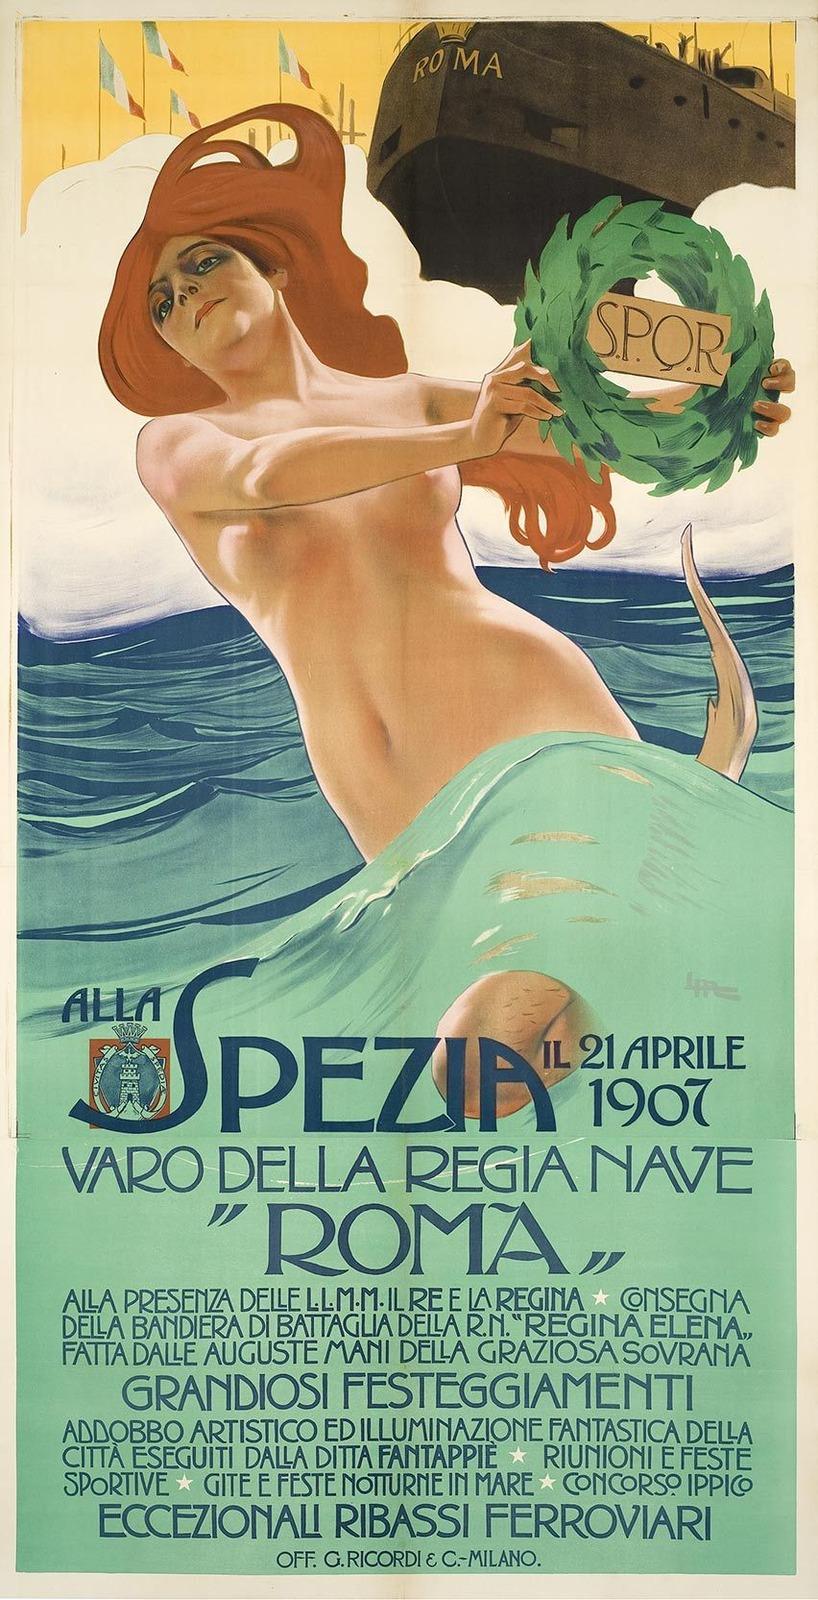 1907_Плакат (Poster Alla Spezia (varo della nave Roma)_149.8 х 104_цветная литография.jpg